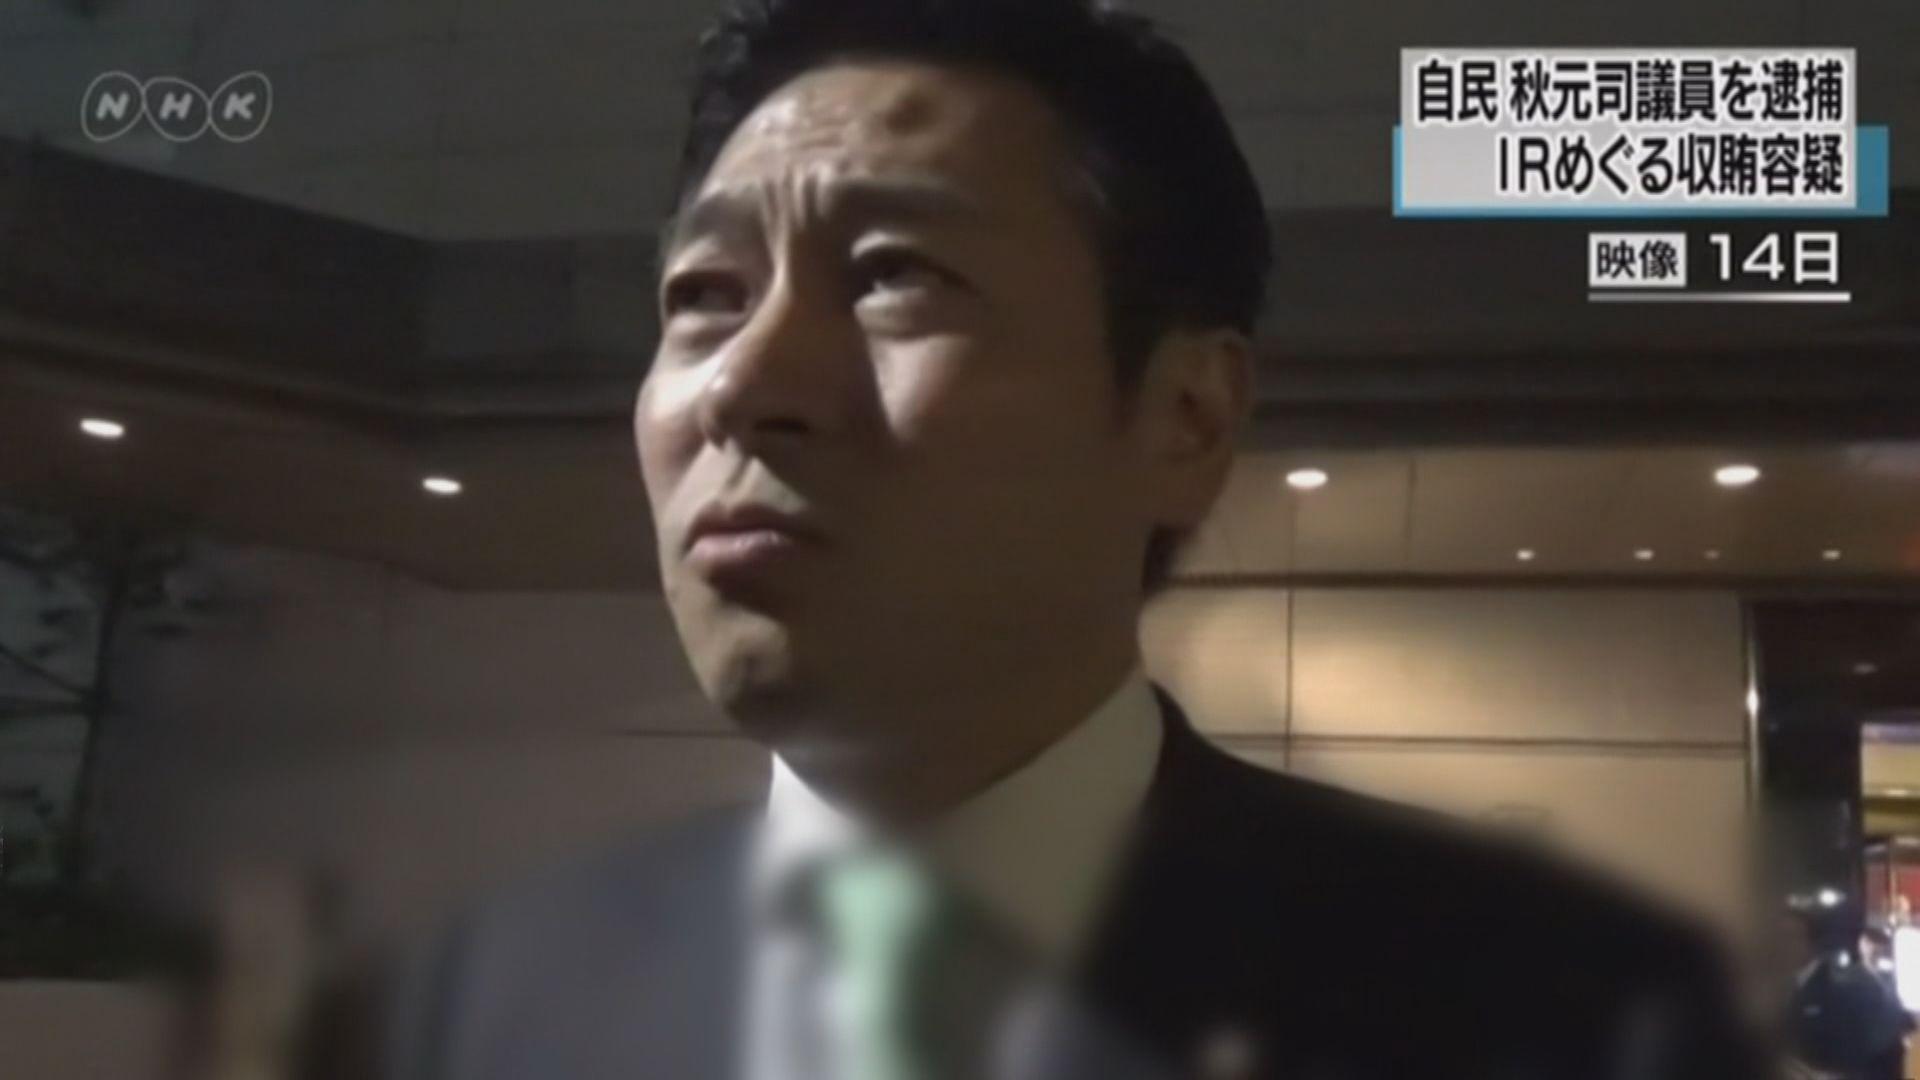 日本眾議員涉收受中國企業賄賂被捕